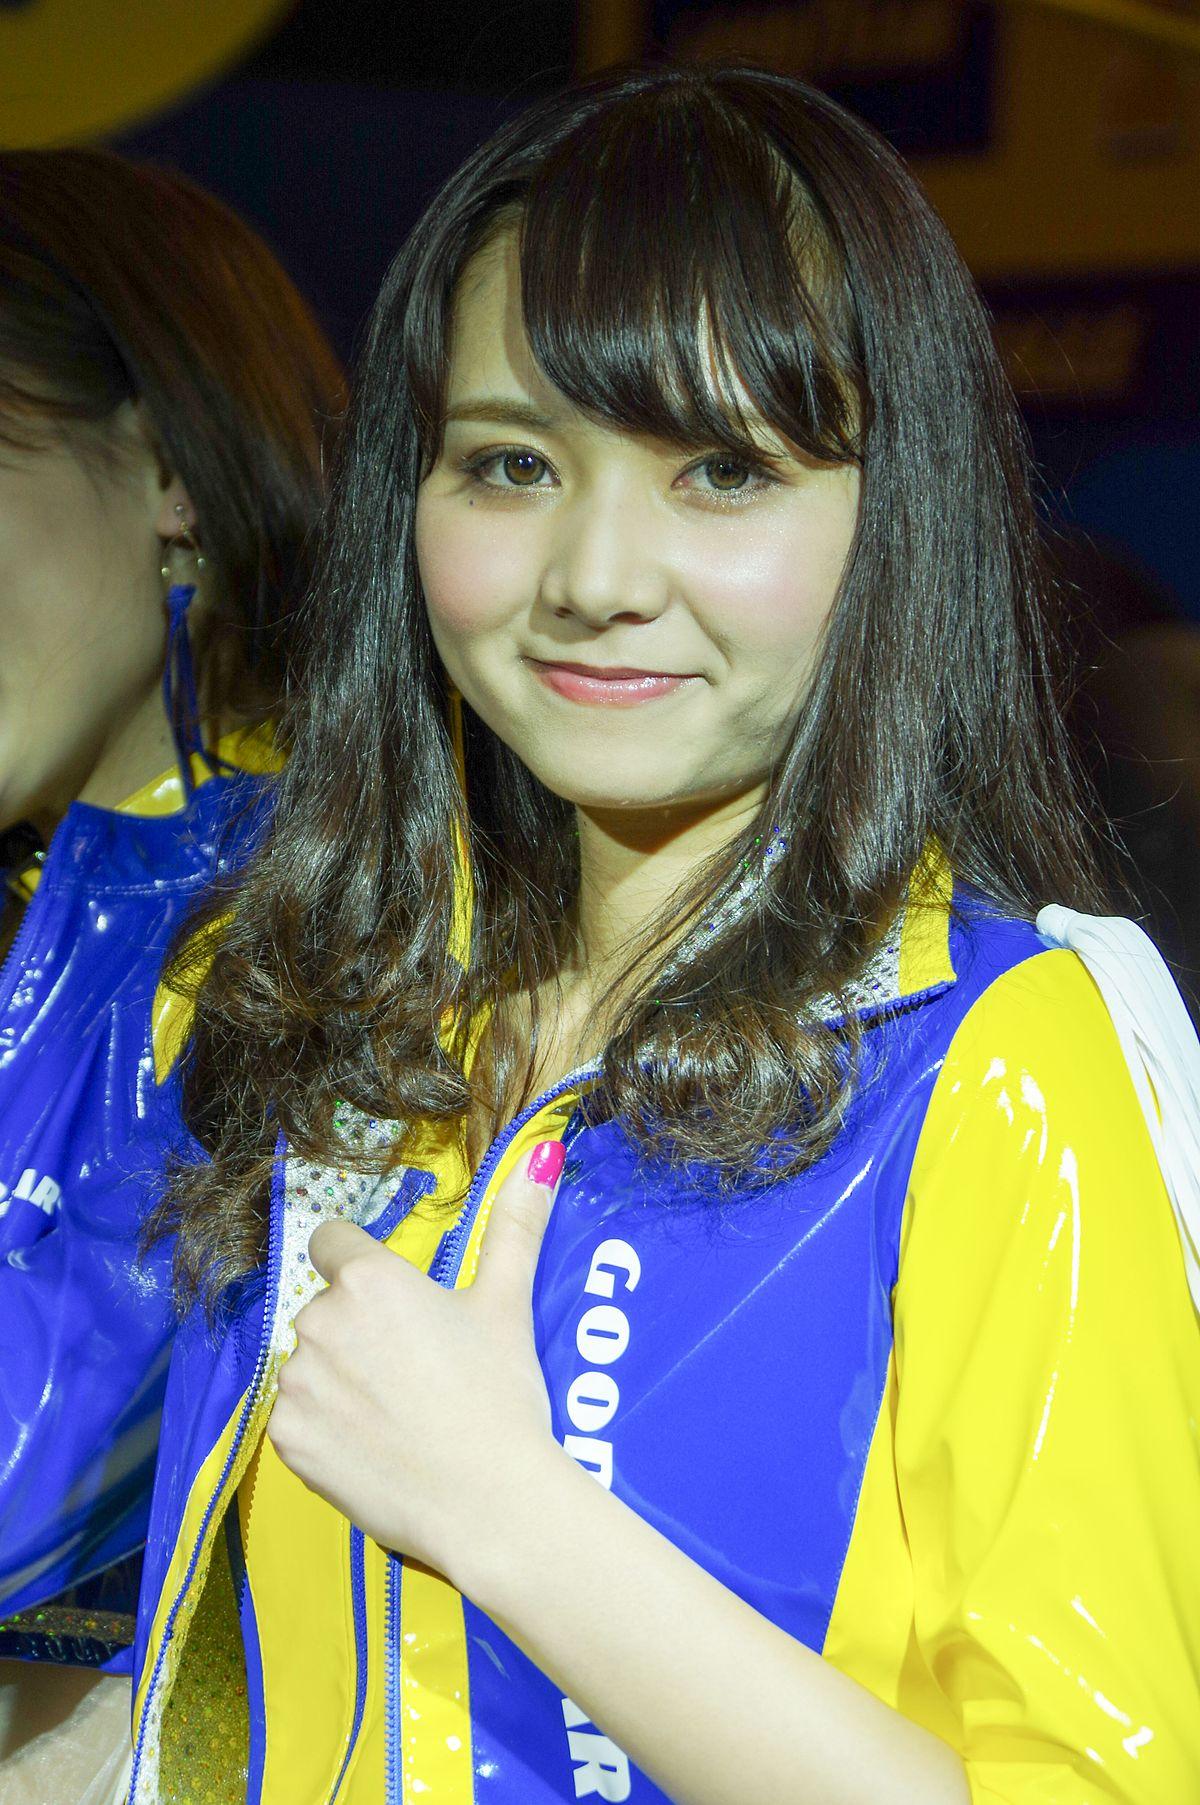 瀬野ユリエ - Wikipedia